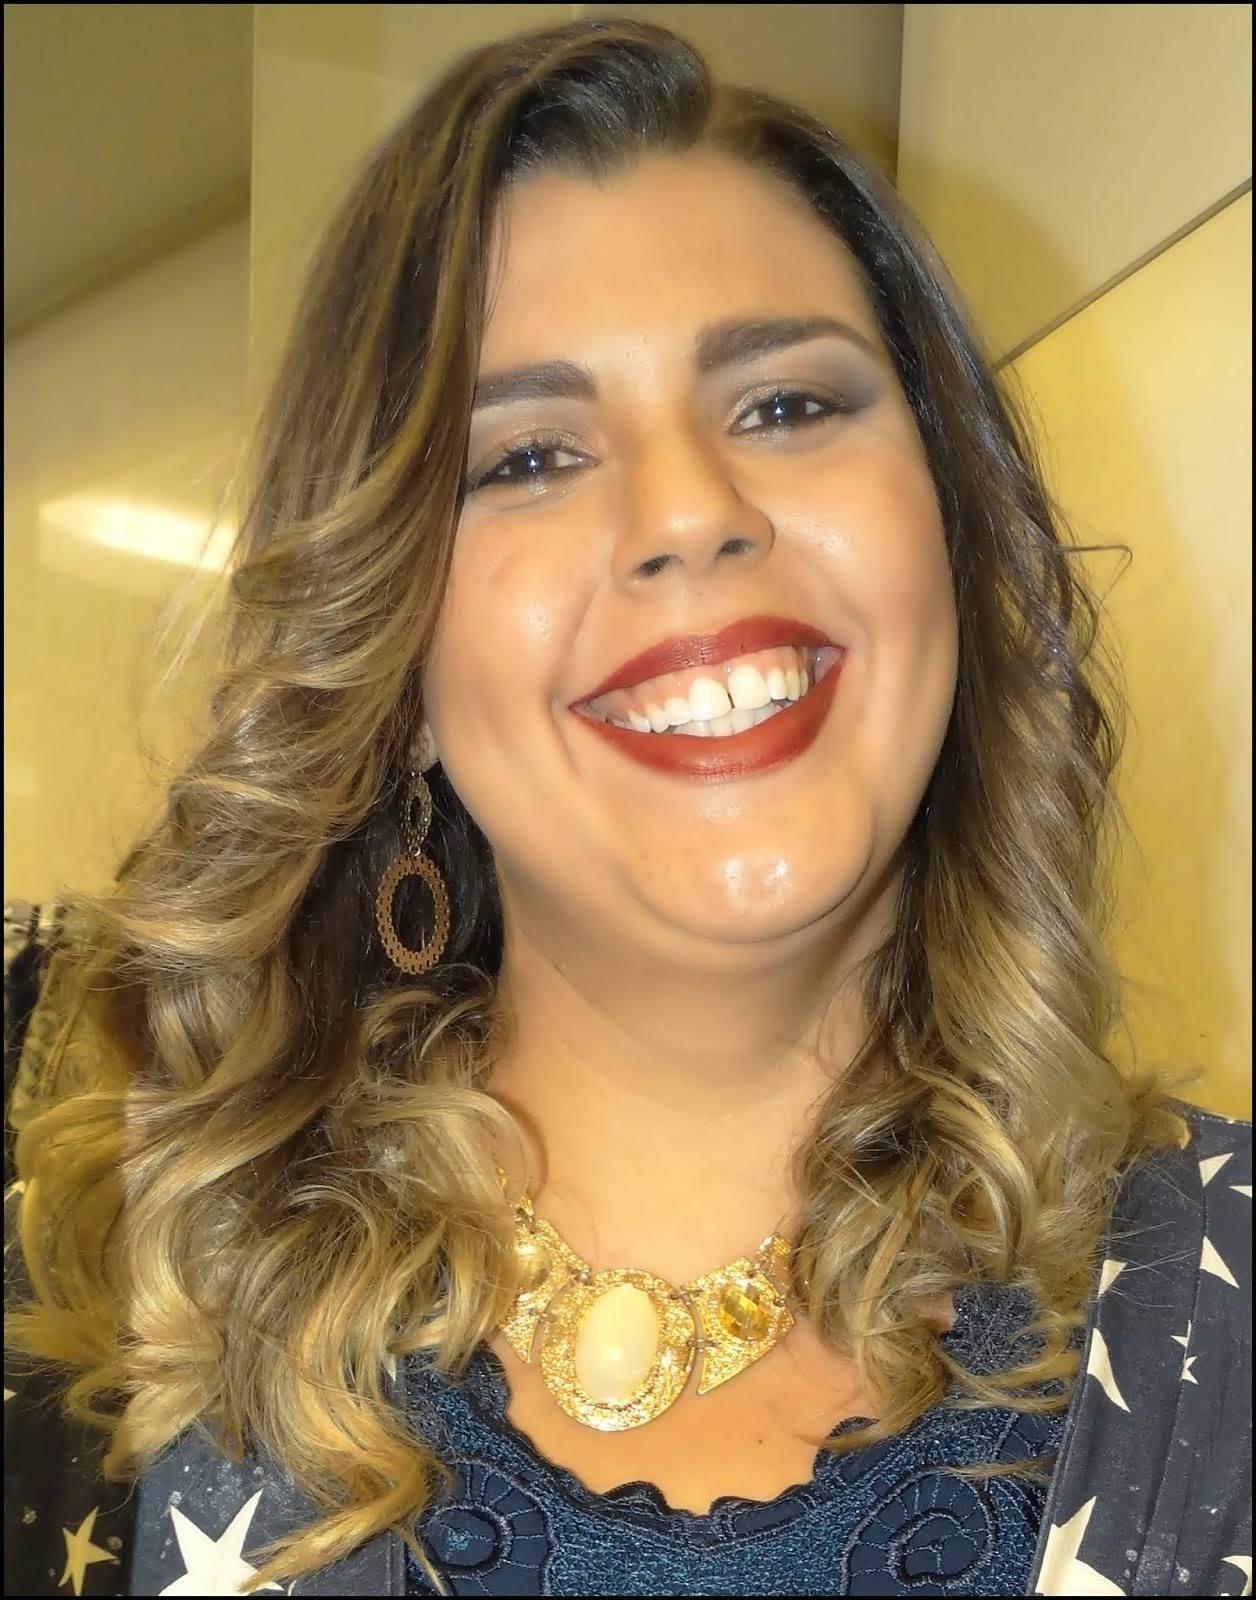 Aline Mesquita Desfile Ateliê @plussize Makeup: Mônica Silva Foto: Divulgação #MônicaSilvaMakeup  #Maquiagem #Desfile maquiagem maquiador(a) consultor(a)